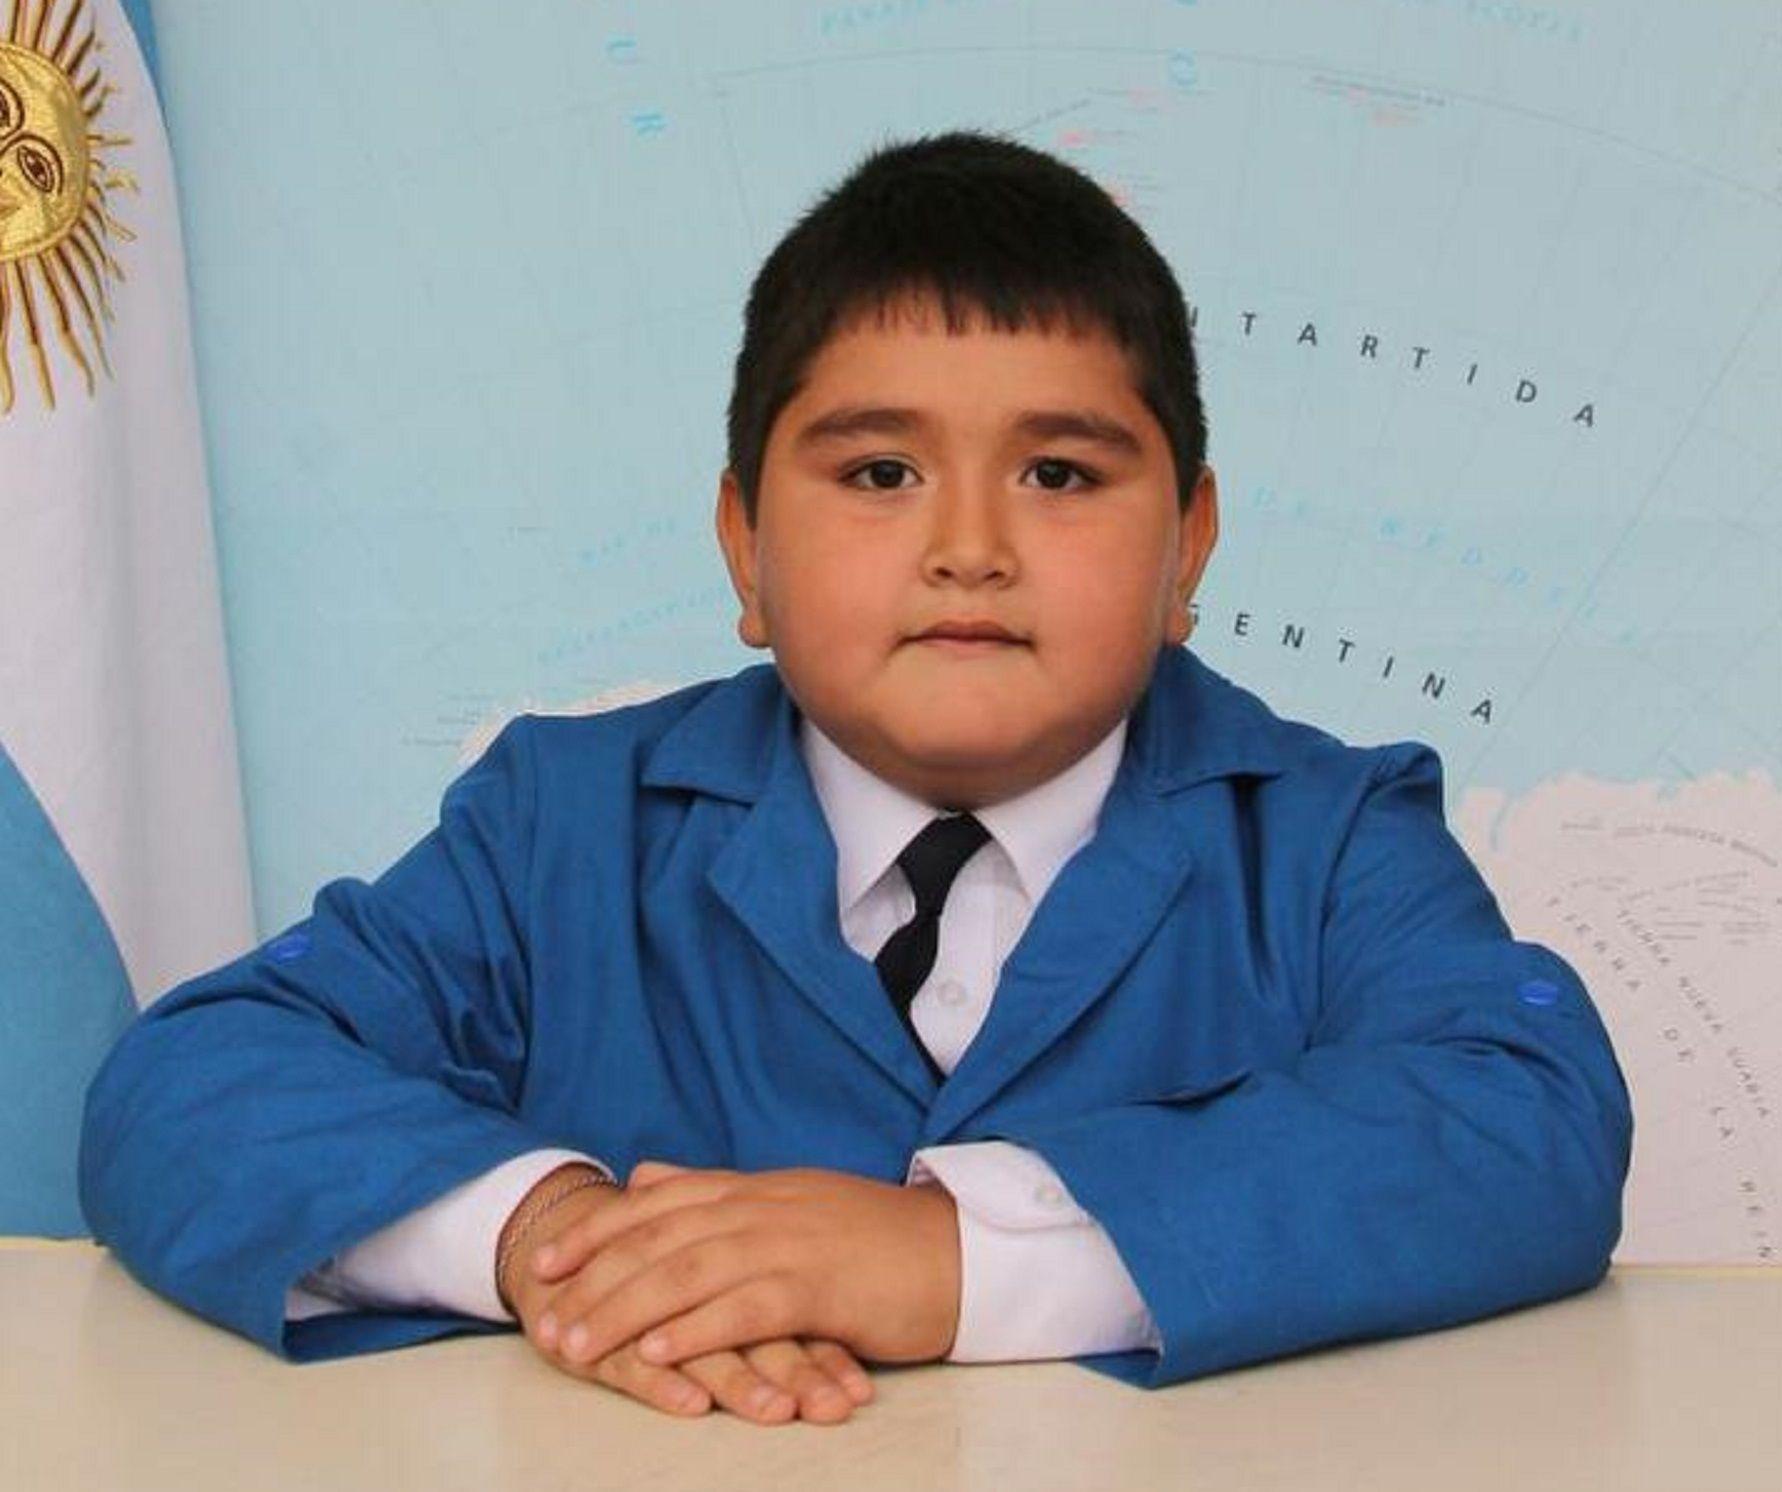 El pequeñoMatías Juárezmurió a los 8 años por un infarto cerebral.